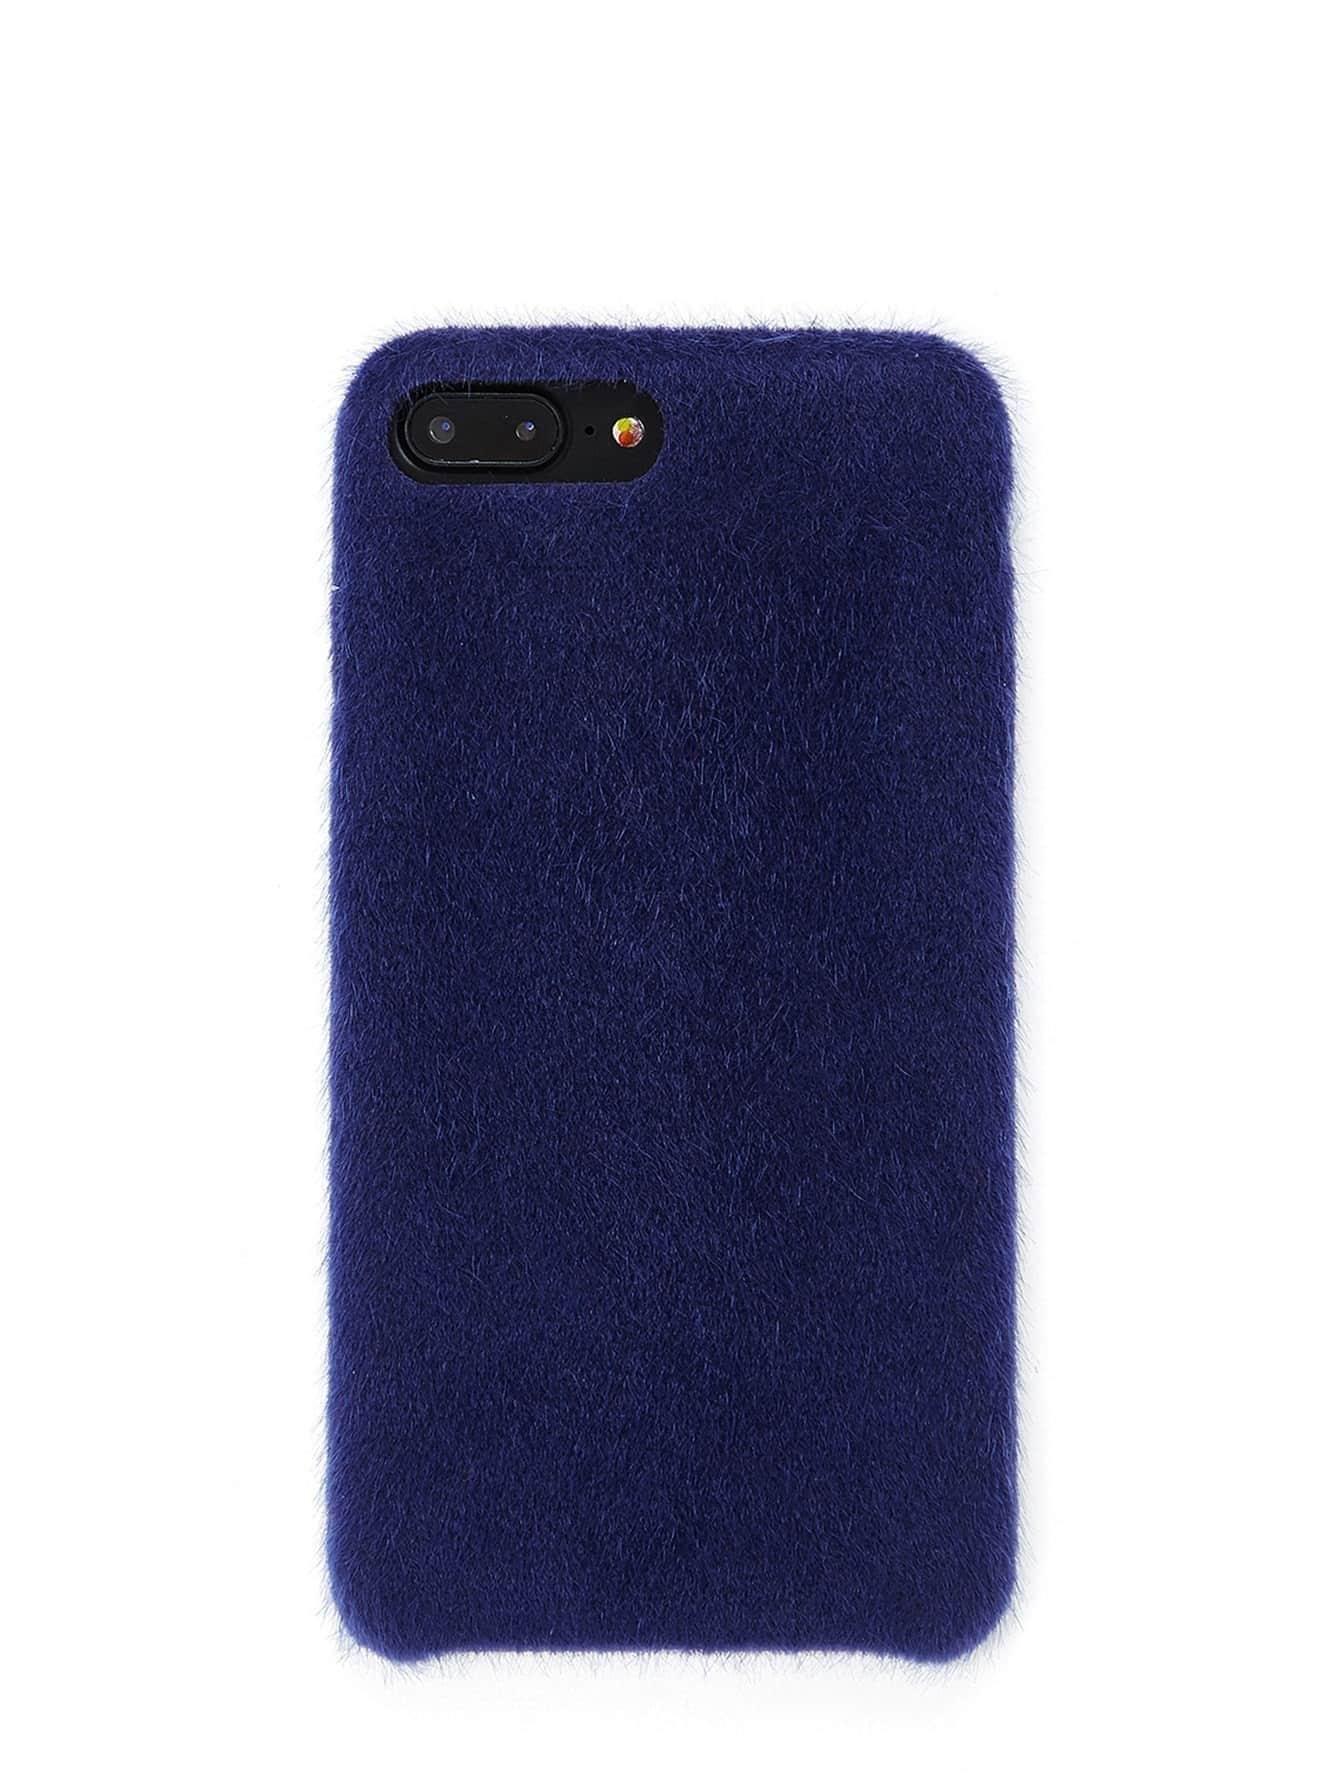 Купить Модный чехол из искусственного меха для iPhone, null, SheIn